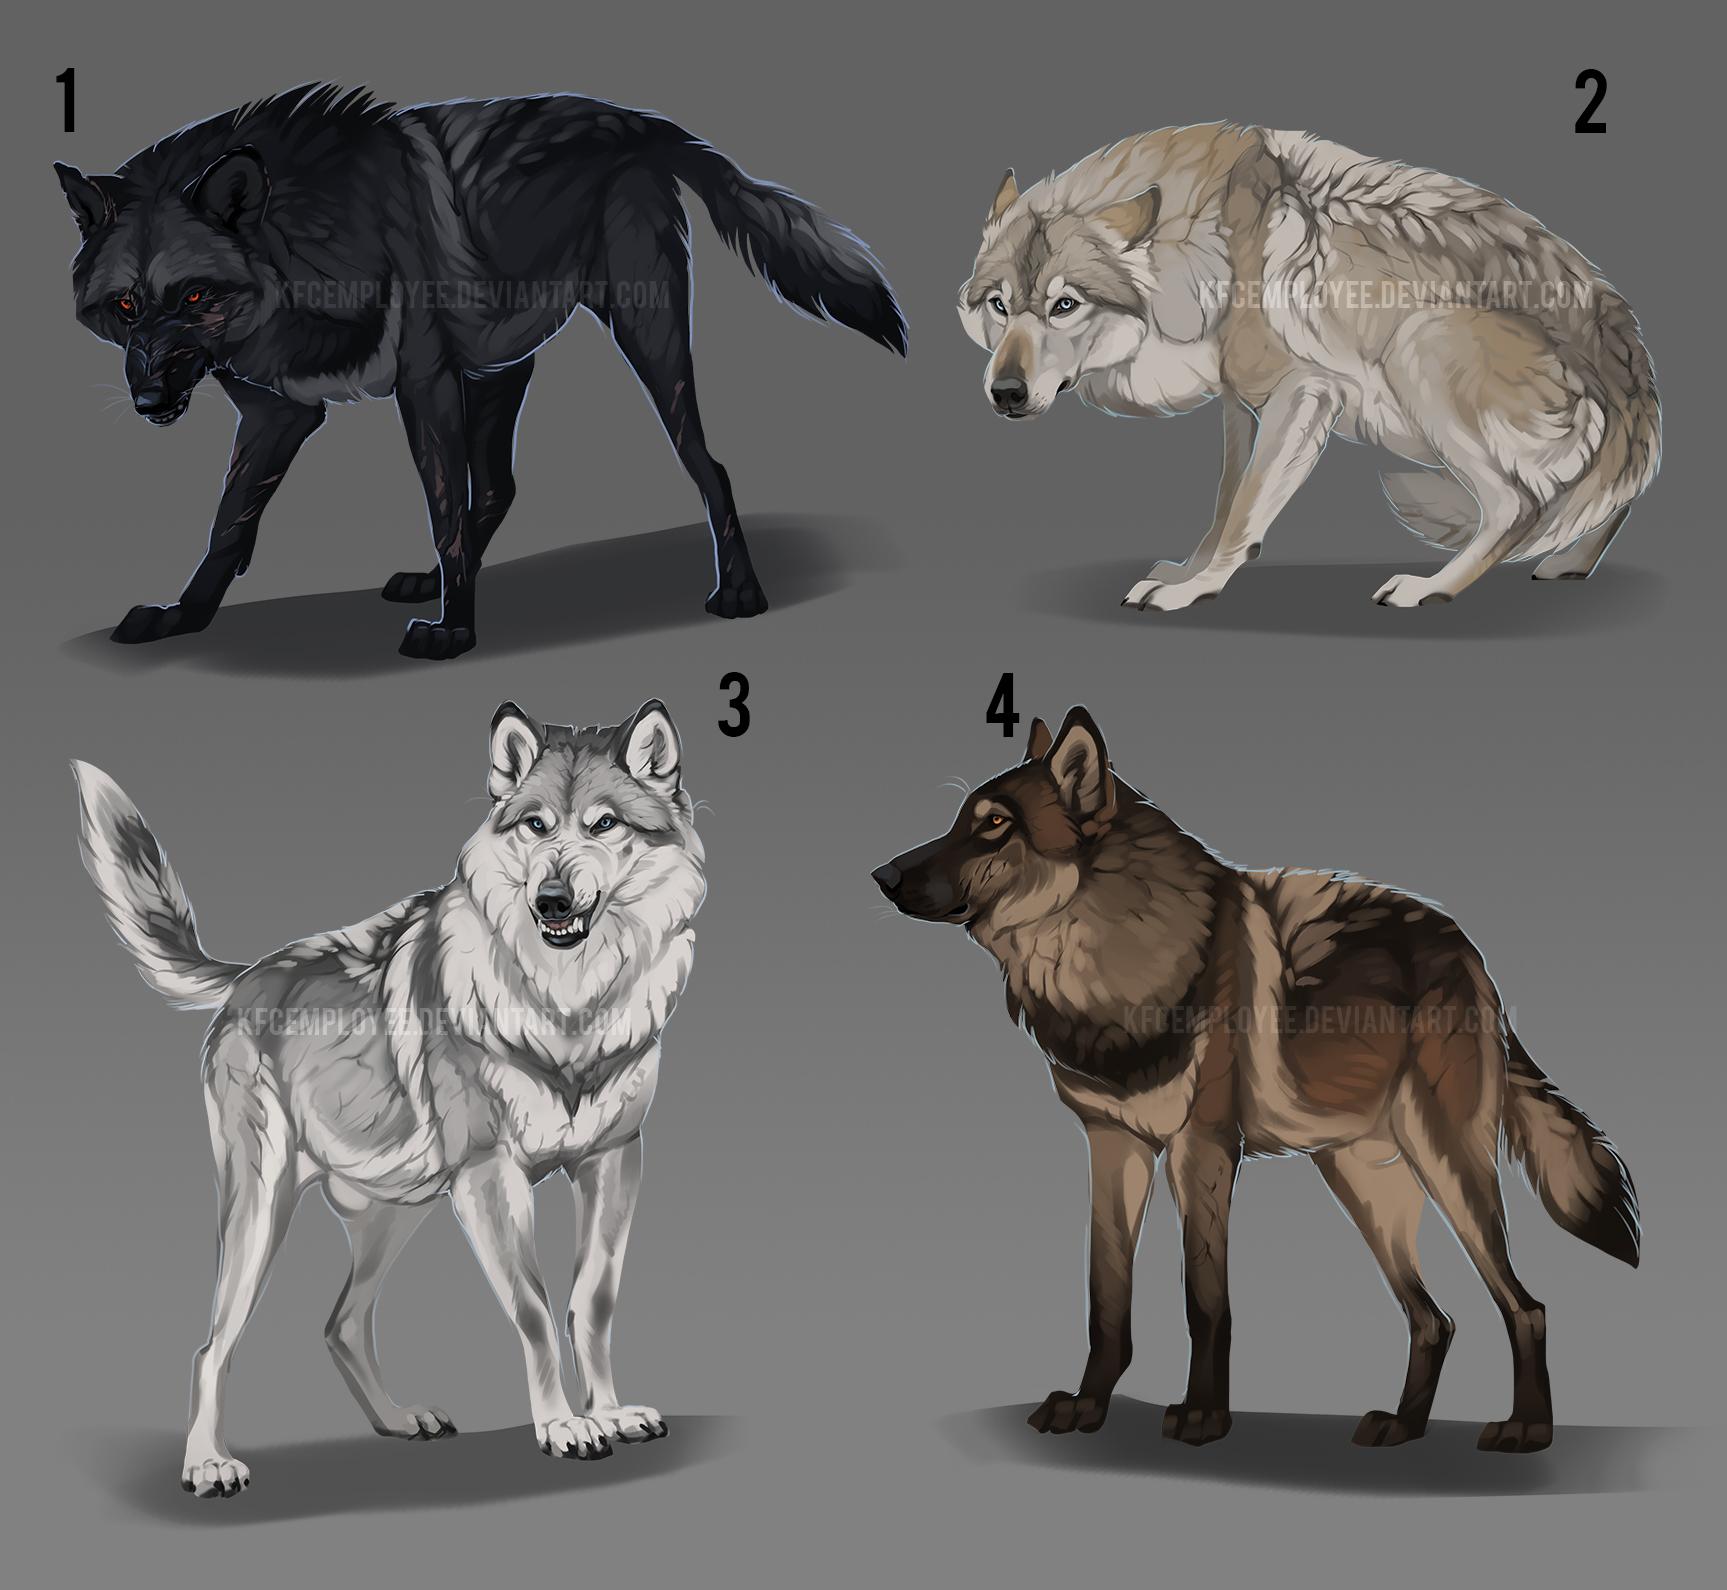 Wolf adopt batch auction: OPEN by KFCemployee